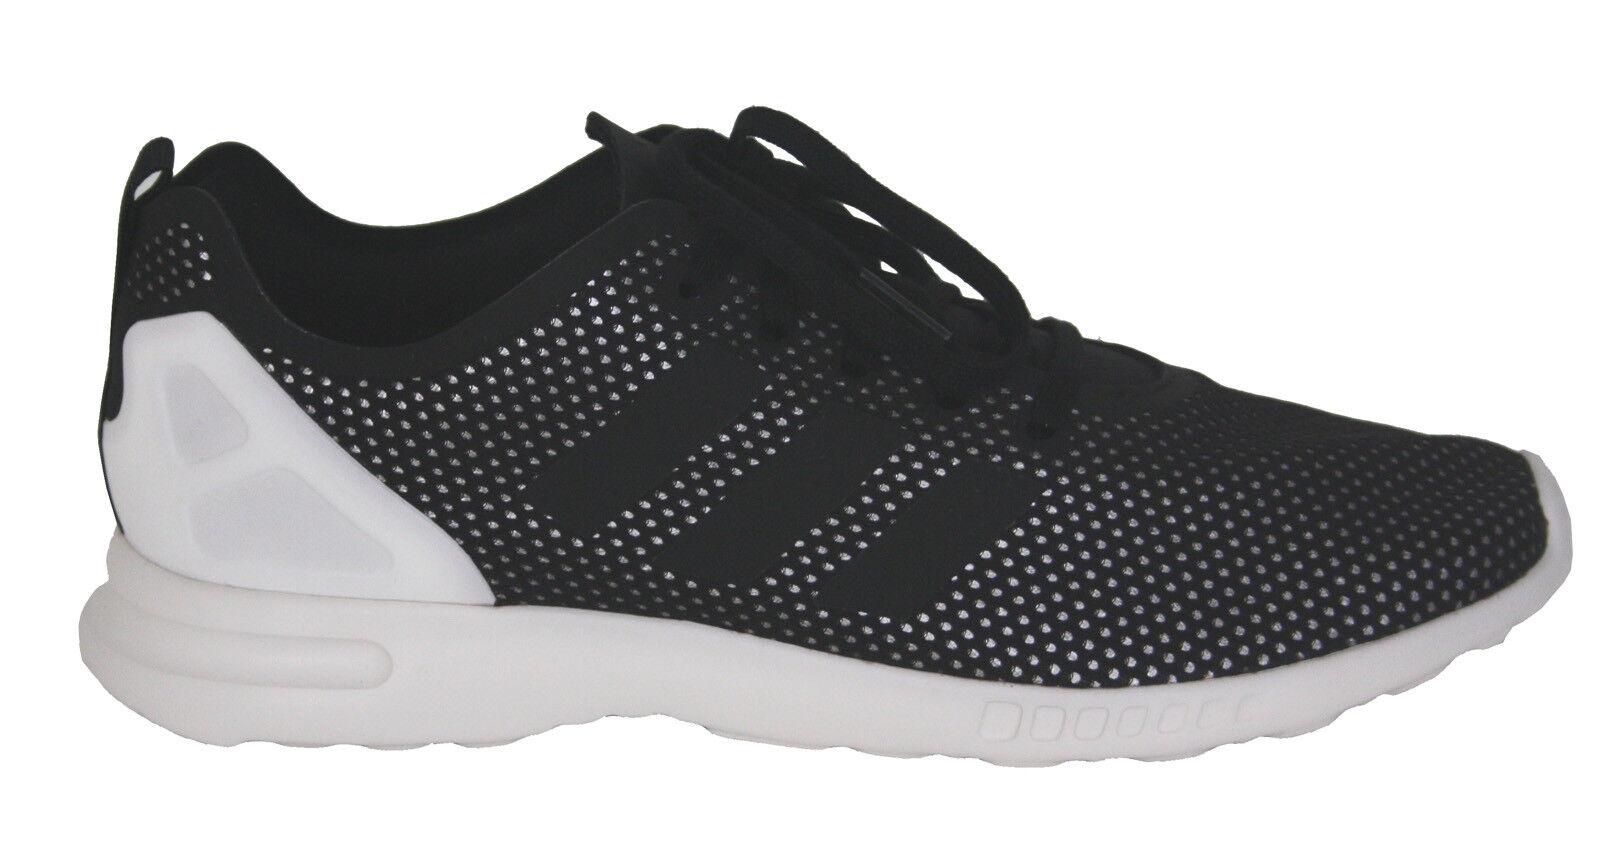 Adidas Zx Flux Adv Lisse Baskets Femme Sports et Loisirs Chaussures de Course